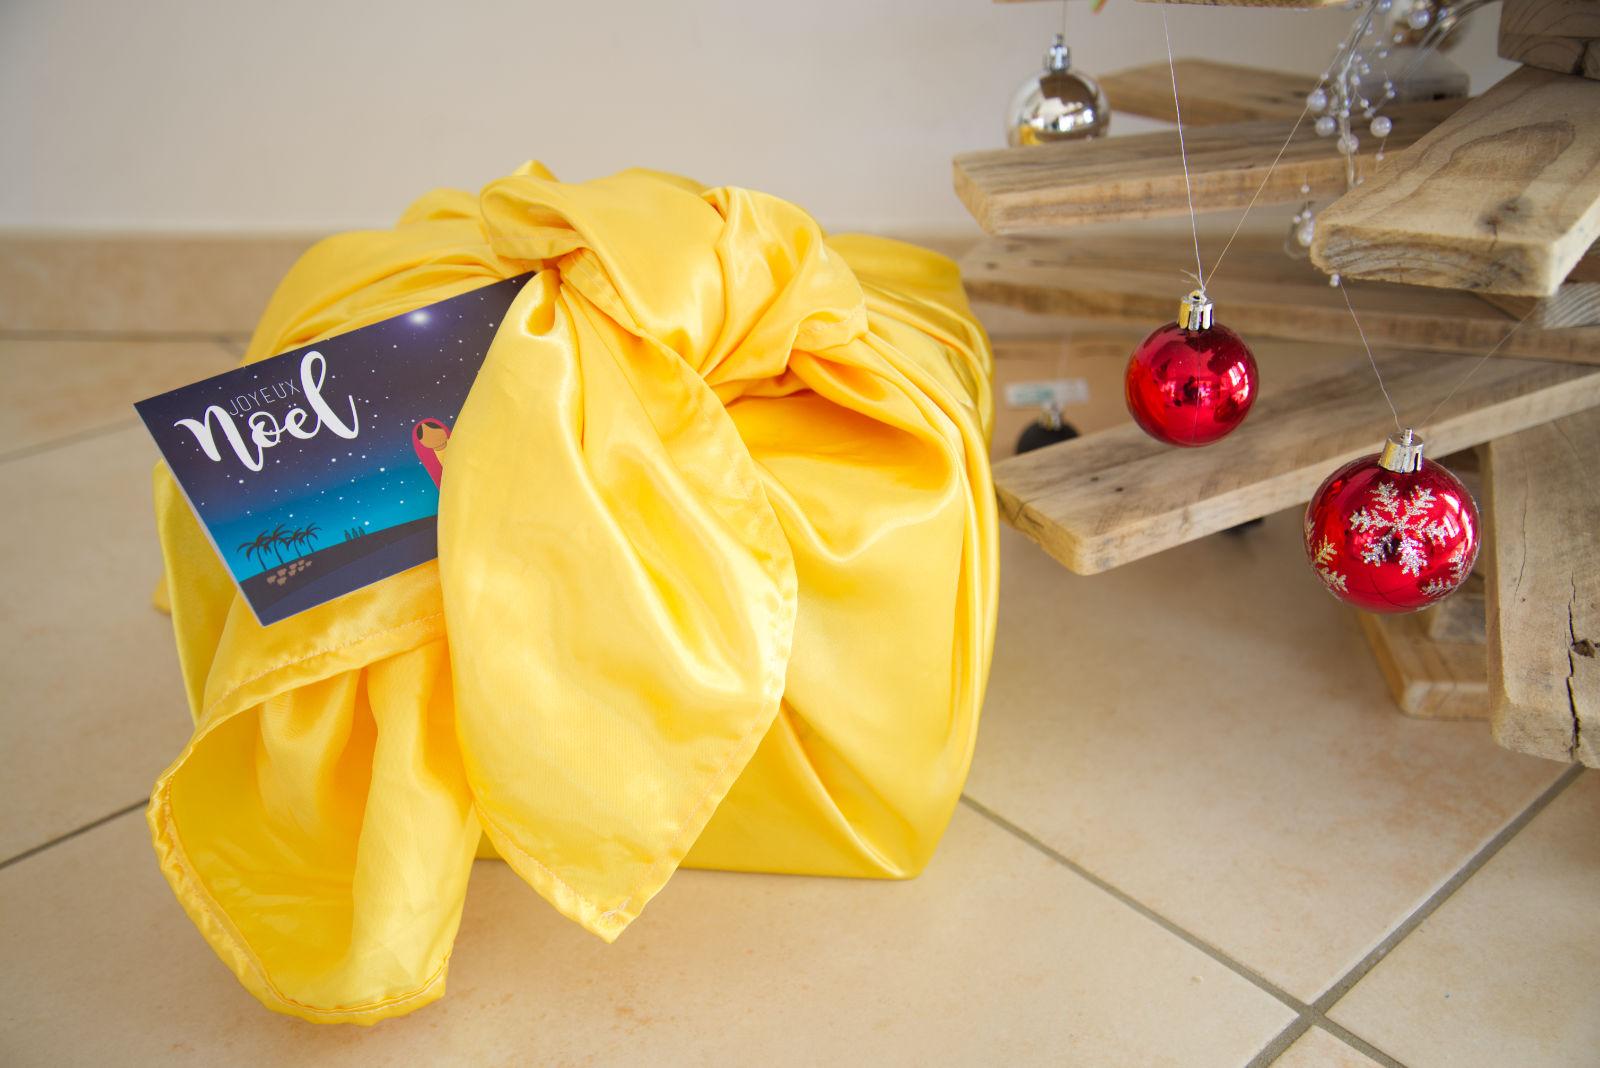 Trucs pratiques pour un Noël plus respectueux de l'environnement